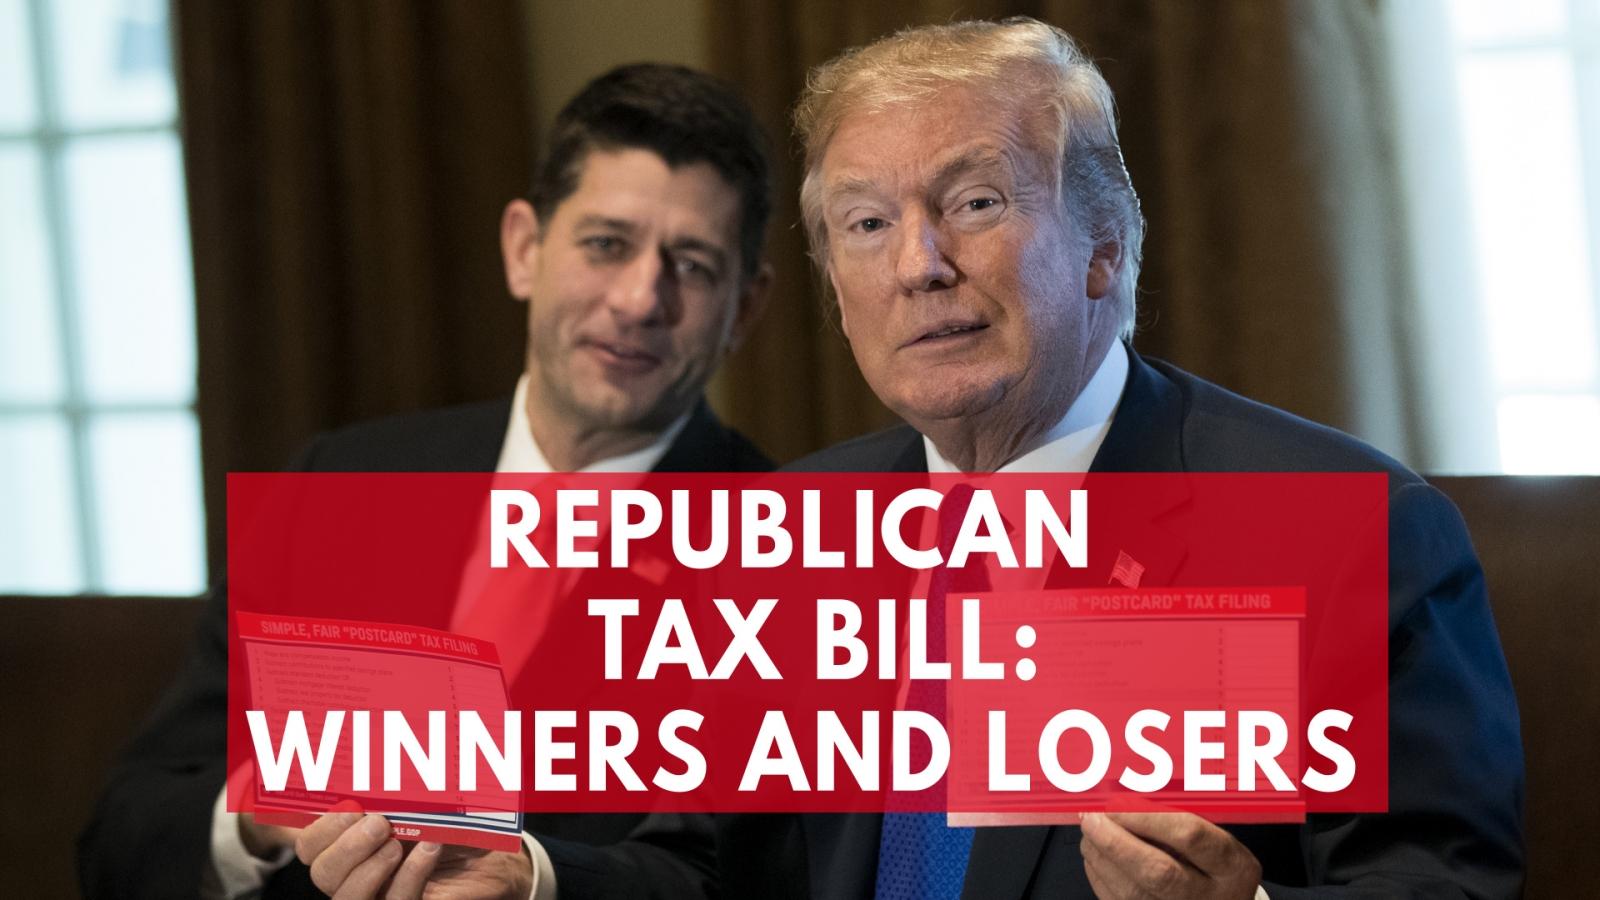 republican-tax-bill-winners-and-losers